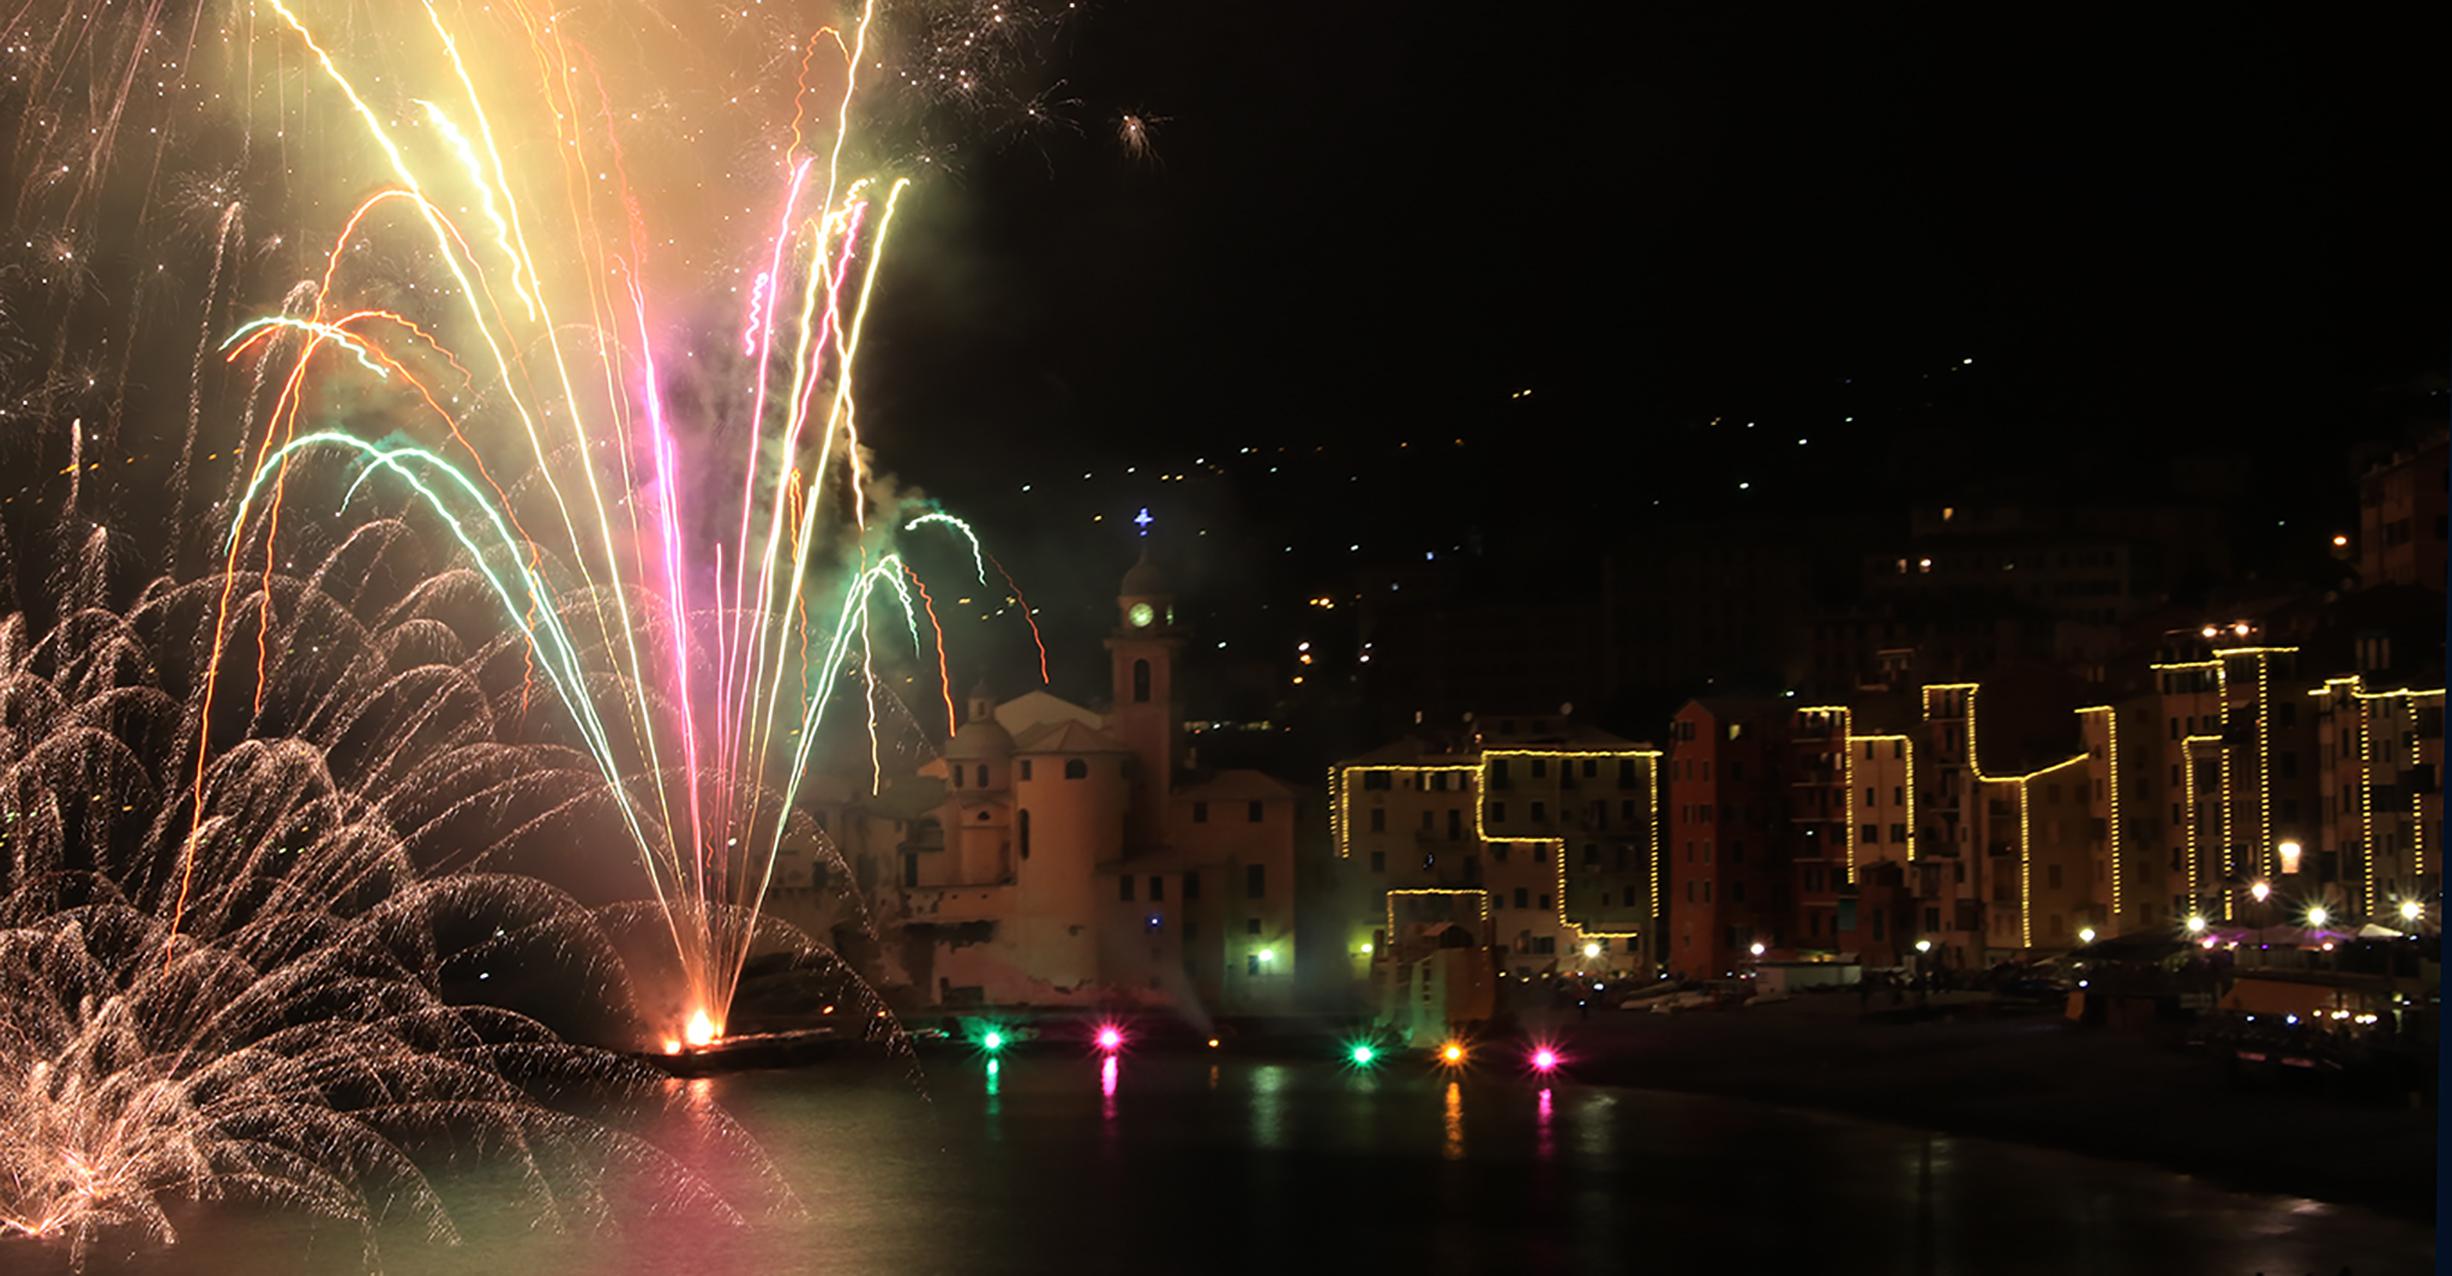 Natale al mare – Natale in Liguria